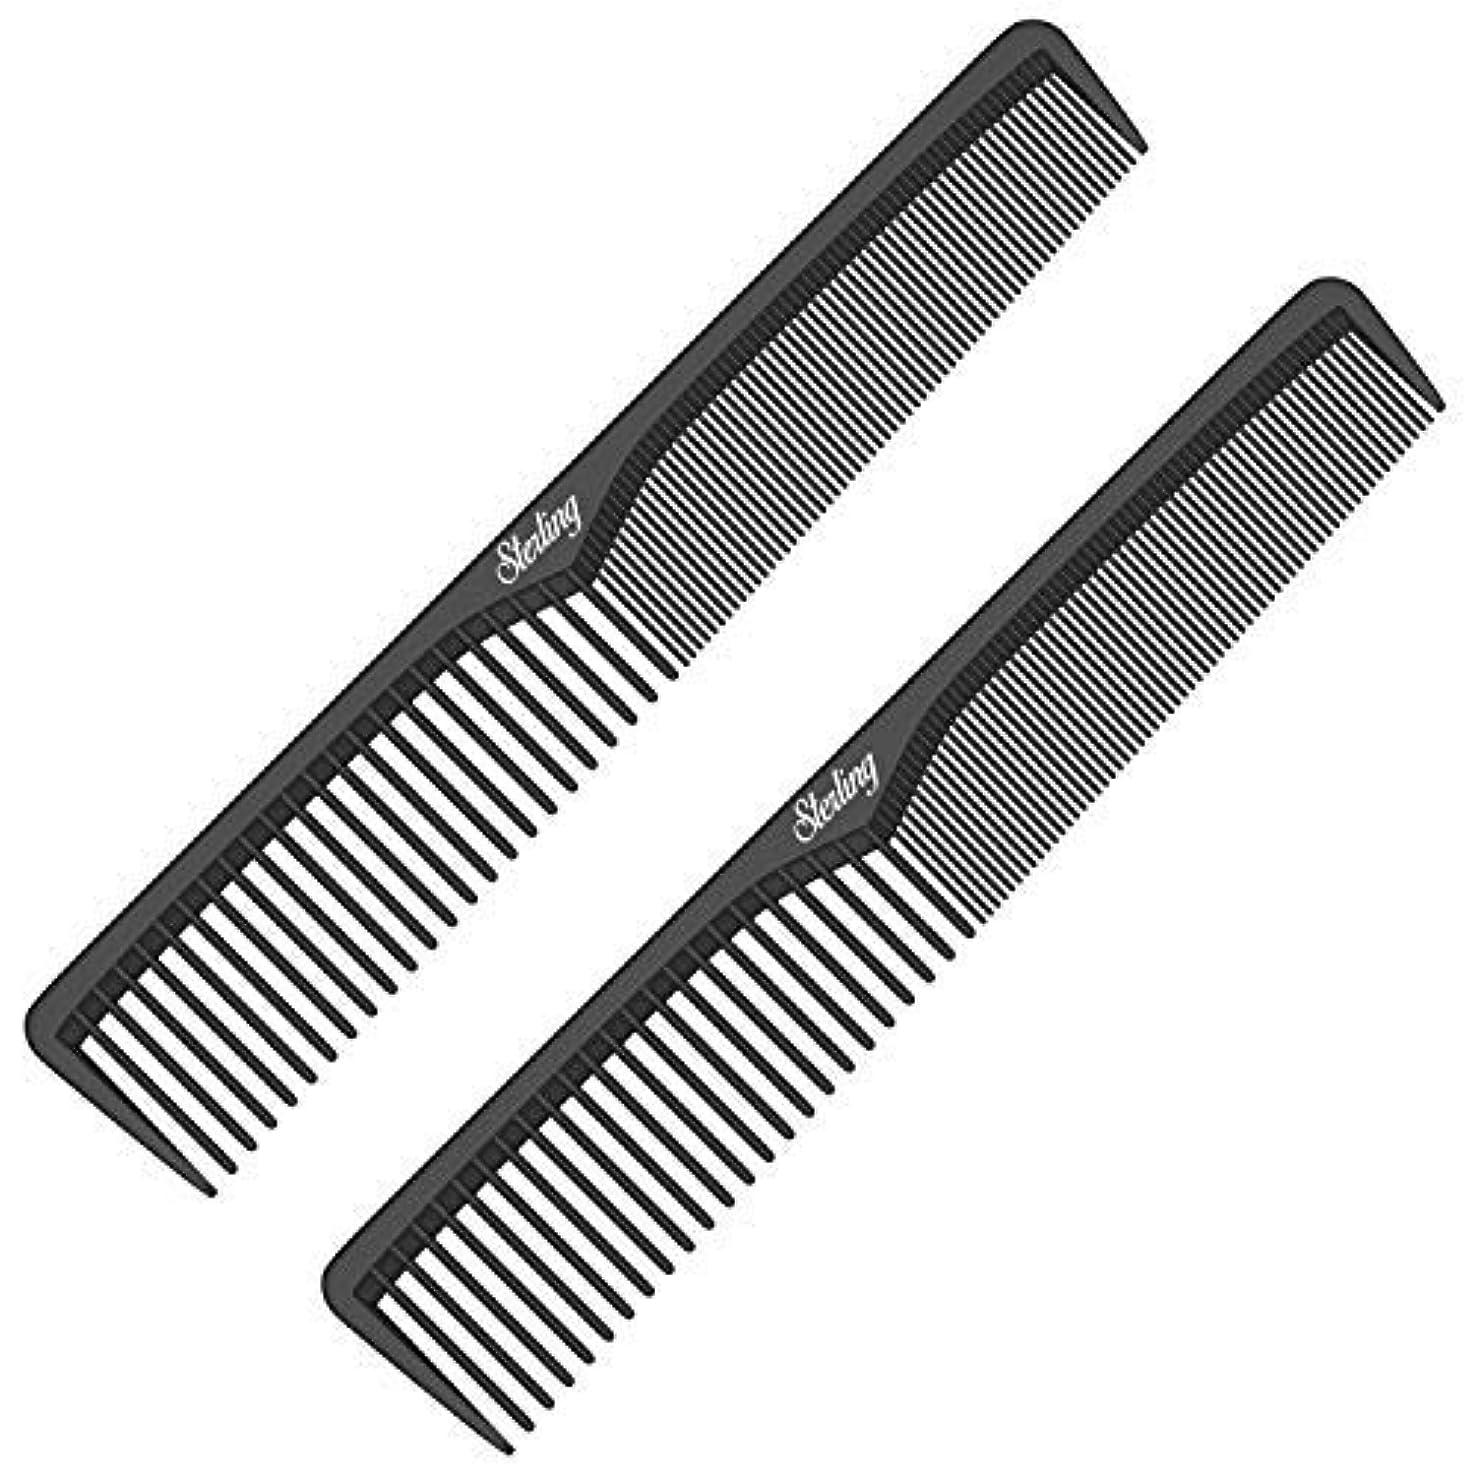 風邪をひく球状分布Styling Comb (2 Pack)   Professional 7  Black Carbon Fiber Anti Static Chemical And Heat Resistant Combs For All...